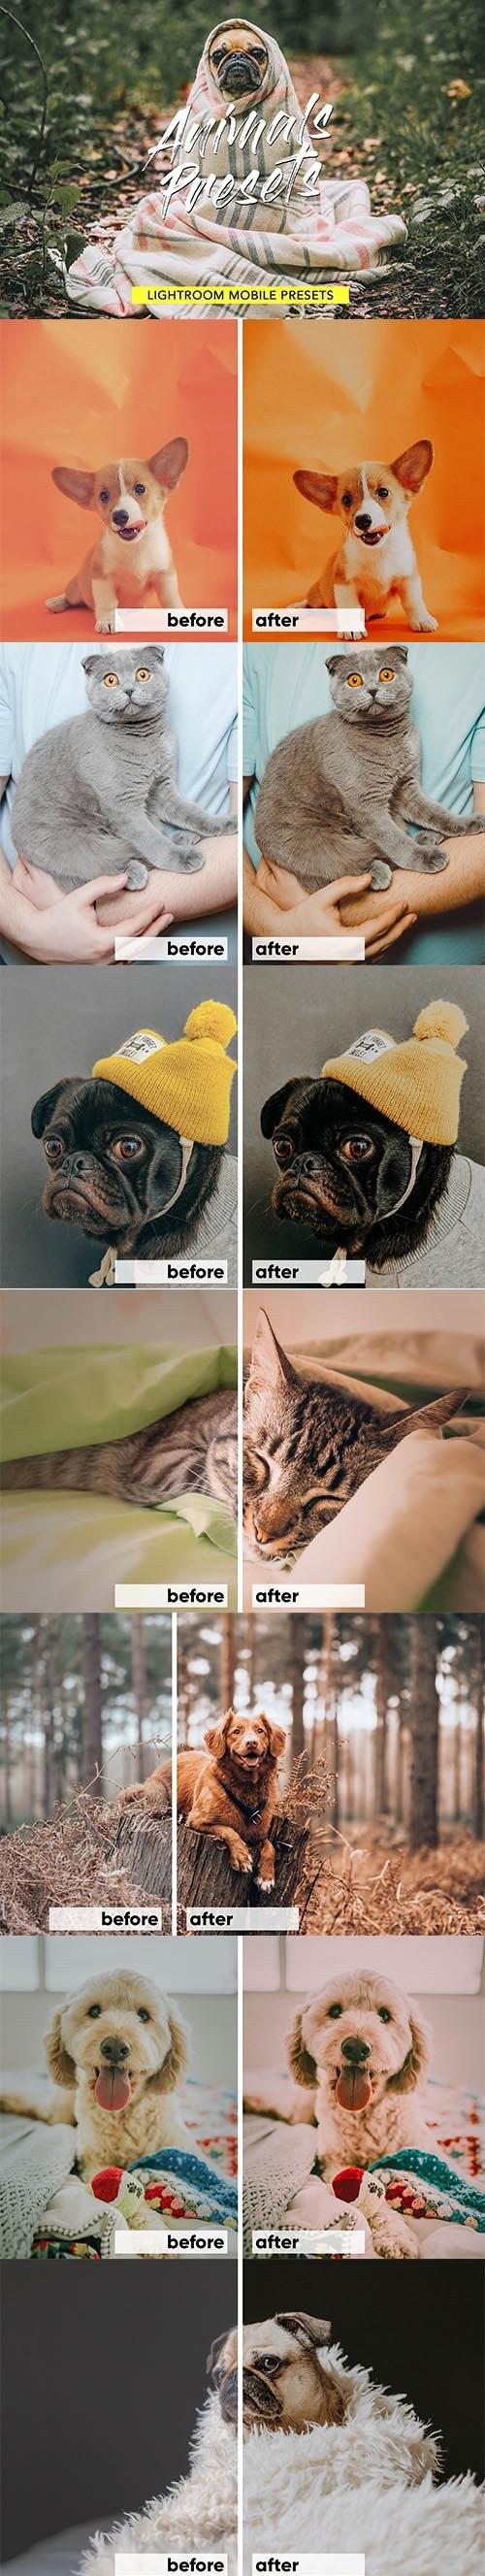 动物/宠物lightroom滤镜lightroom预设下载设计素材模板